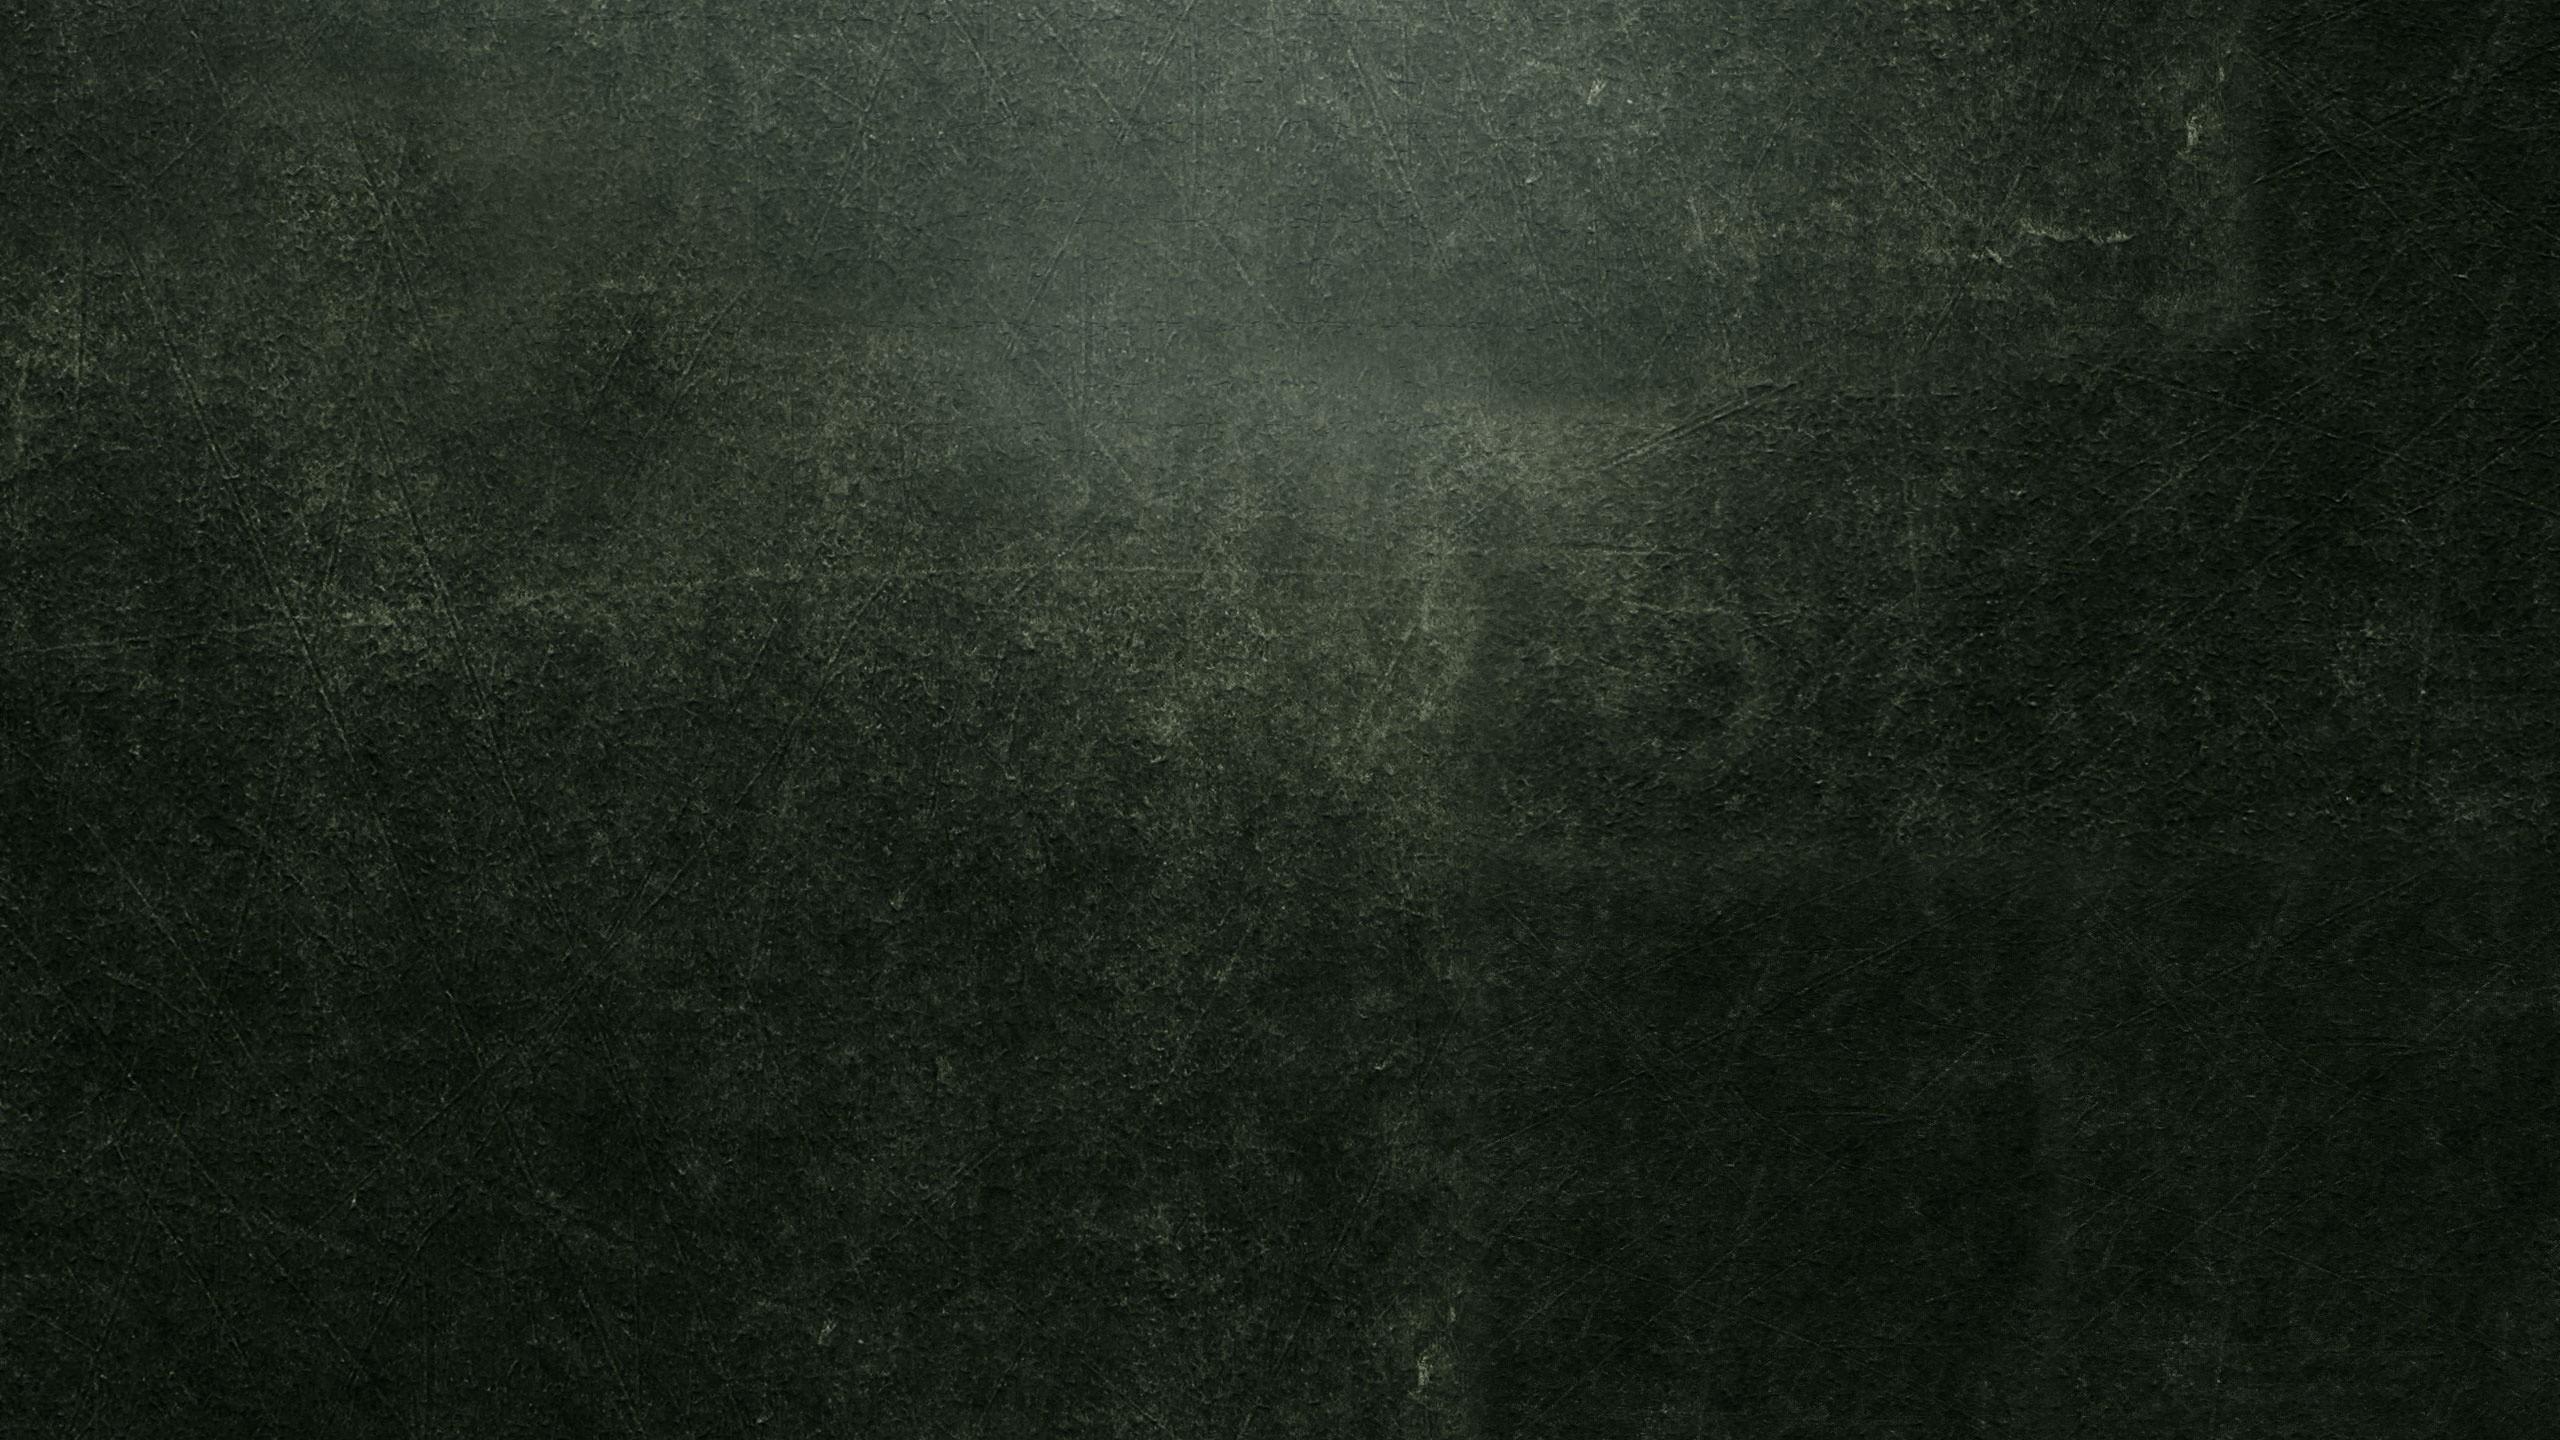 Wallpaper texture, gray, dark, minimalistic, minimalist